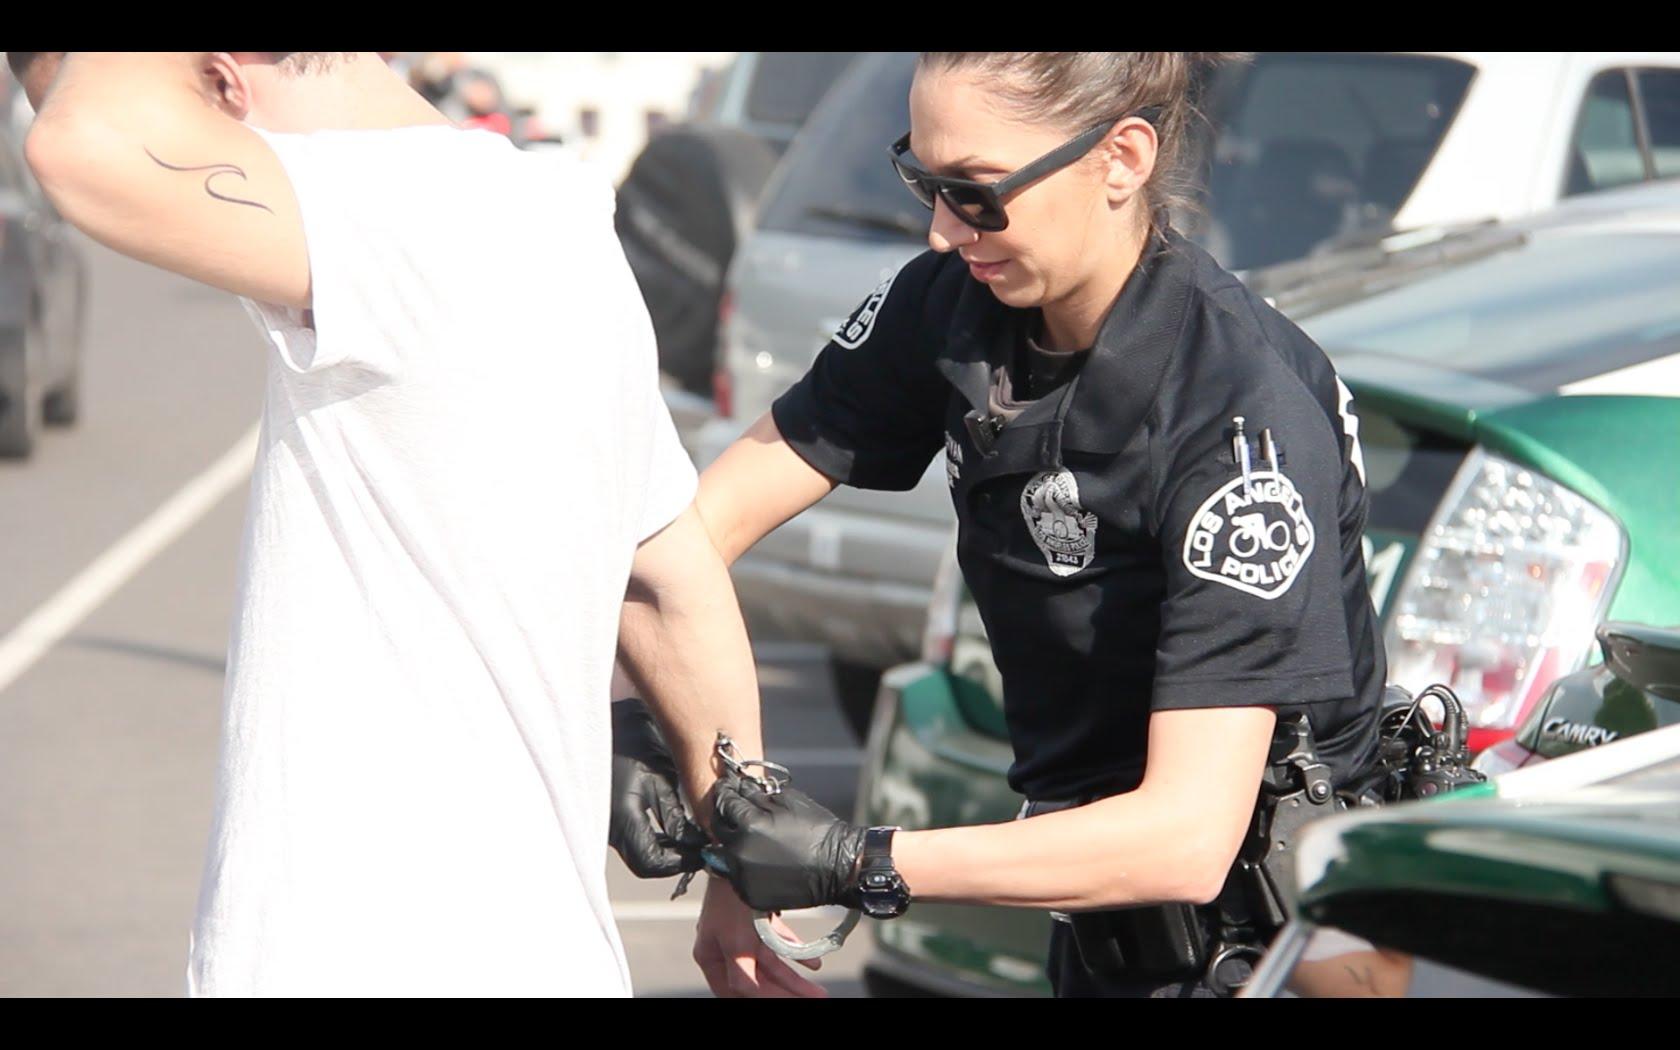 Ги запрела полиција, а потоа еден од нив рекол дека имаат полн багаж кокаин. Нема де верувате што следело